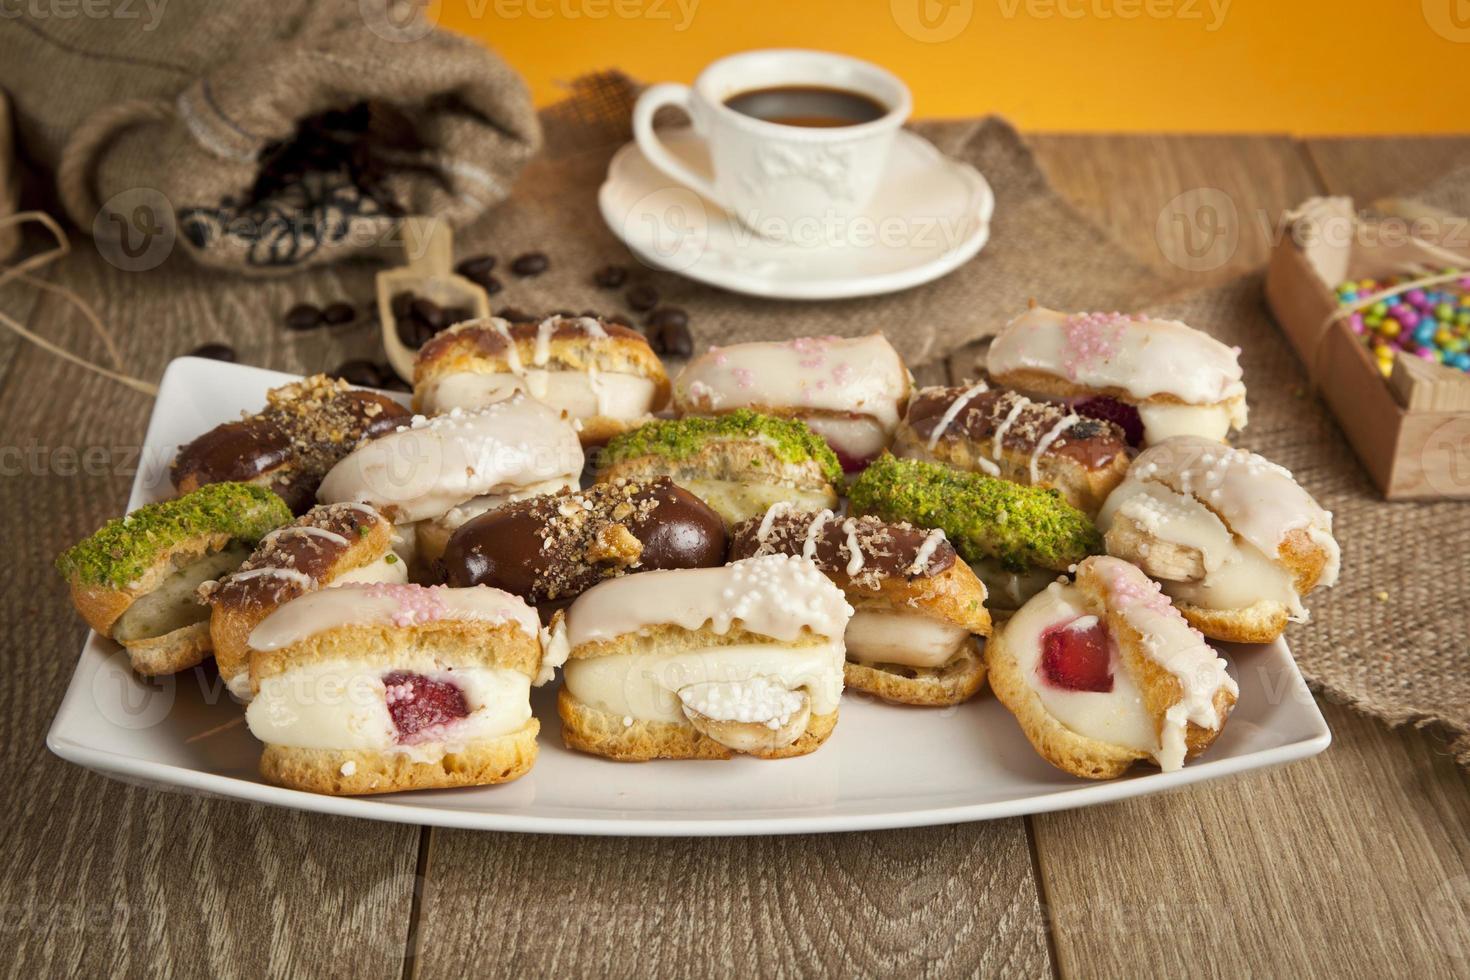 duitse dessertroomtaart chocolade, pistachenoten, banaan, aardbei, witte chocolade foto